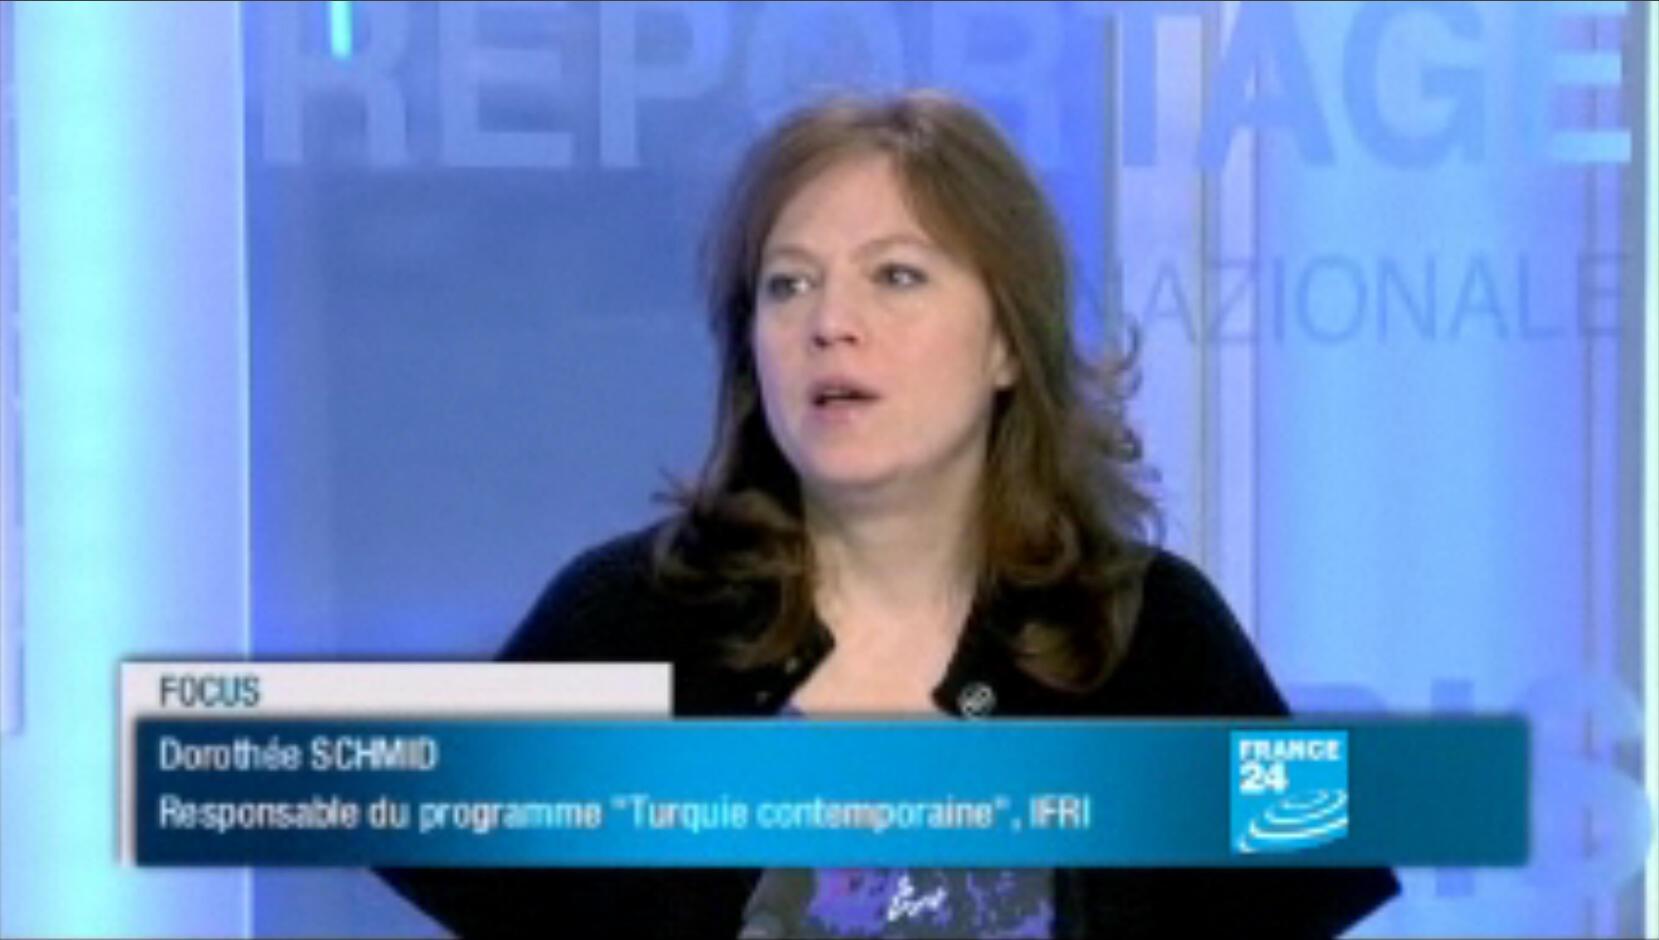 Dorothée Schmid, chercheuse spécialiste de la Turquie contemporaine à l'IFRI